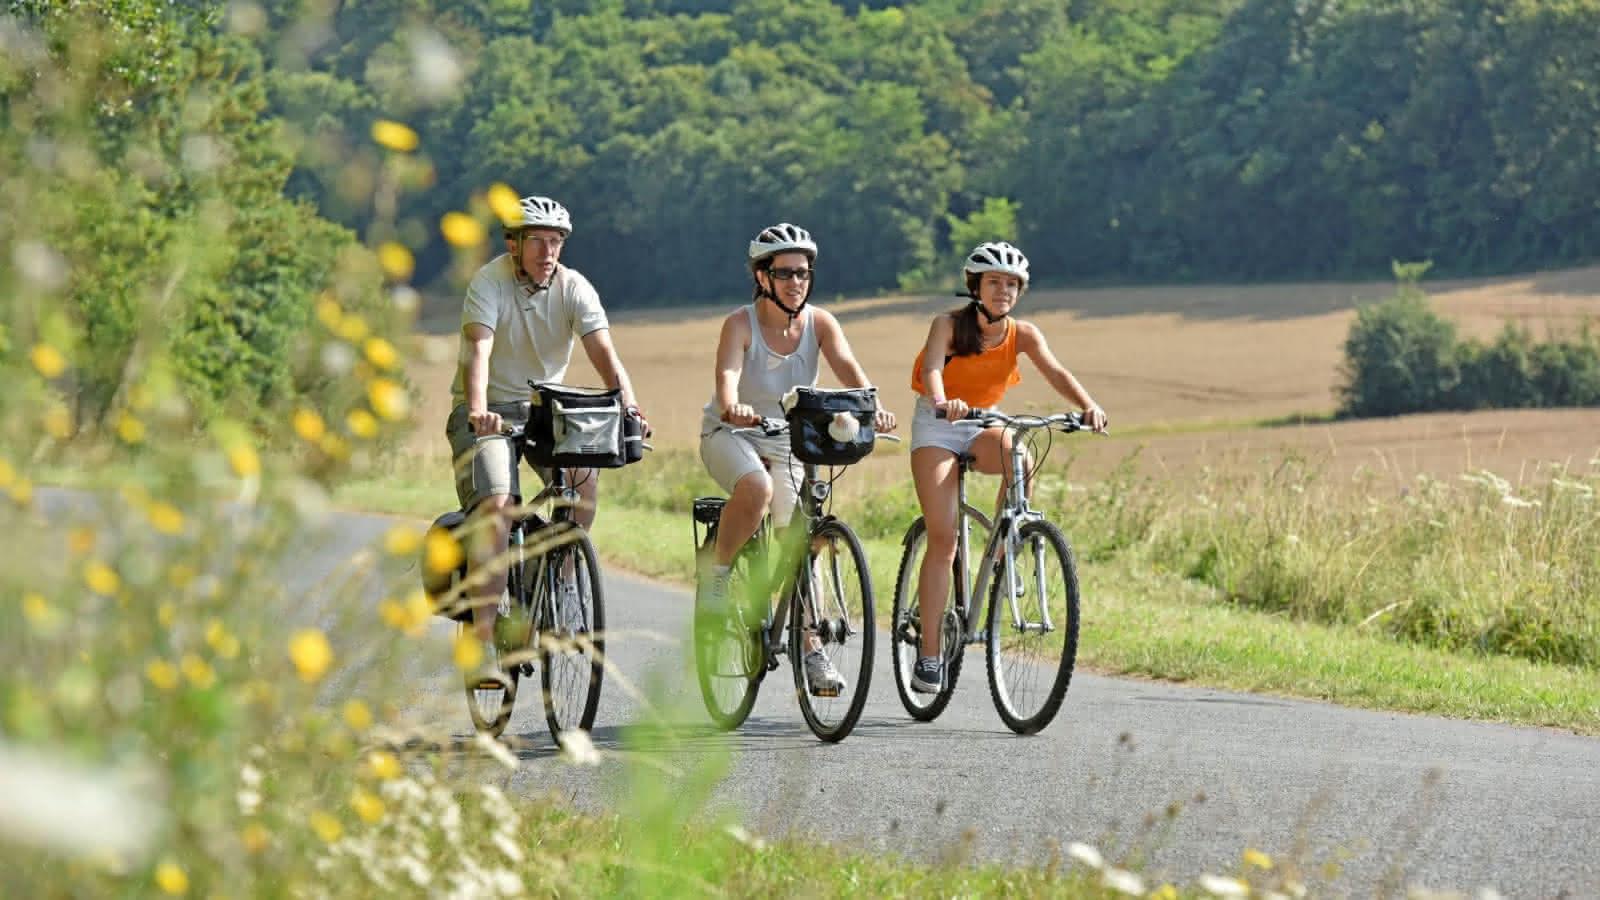 Véloroute - St-jacques Lavardin - Vacances à vélo Loir-et-Cher ©J-Damase - ADT 41